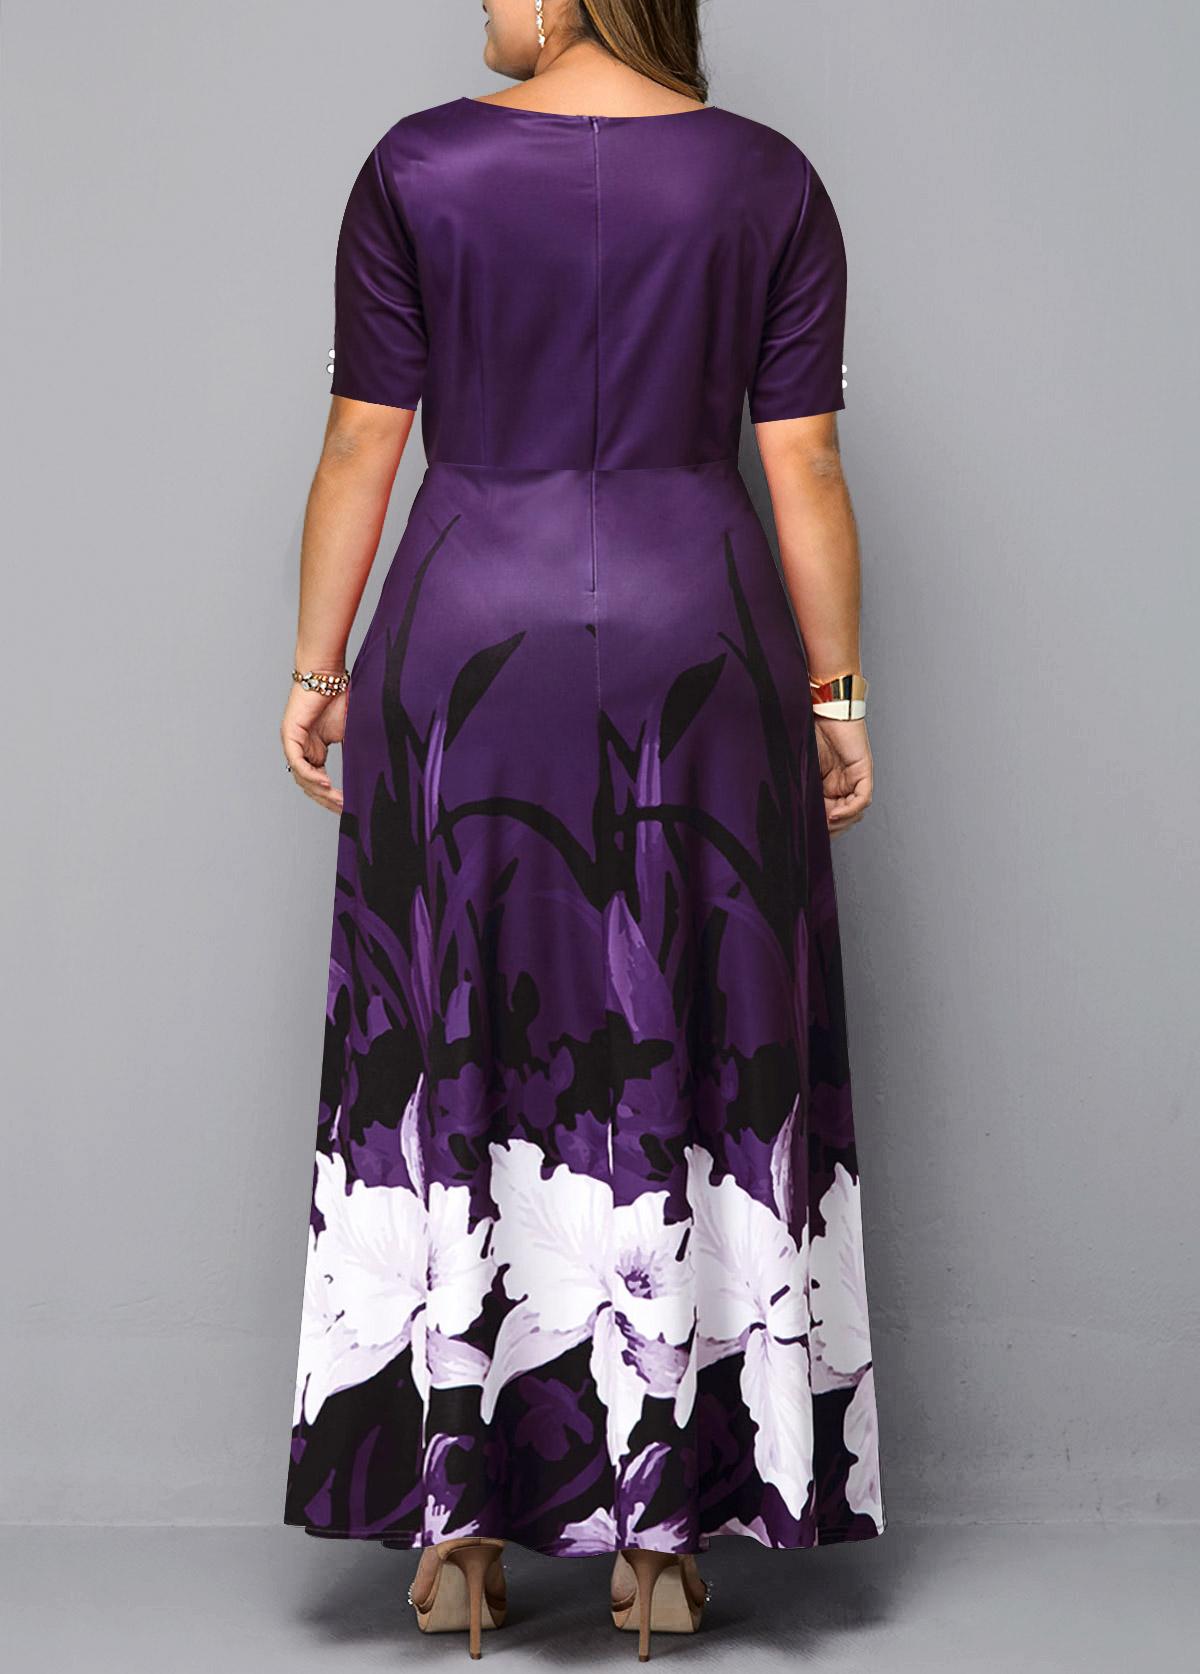 Floral Print Keyhole Neckline Plus Size Dress